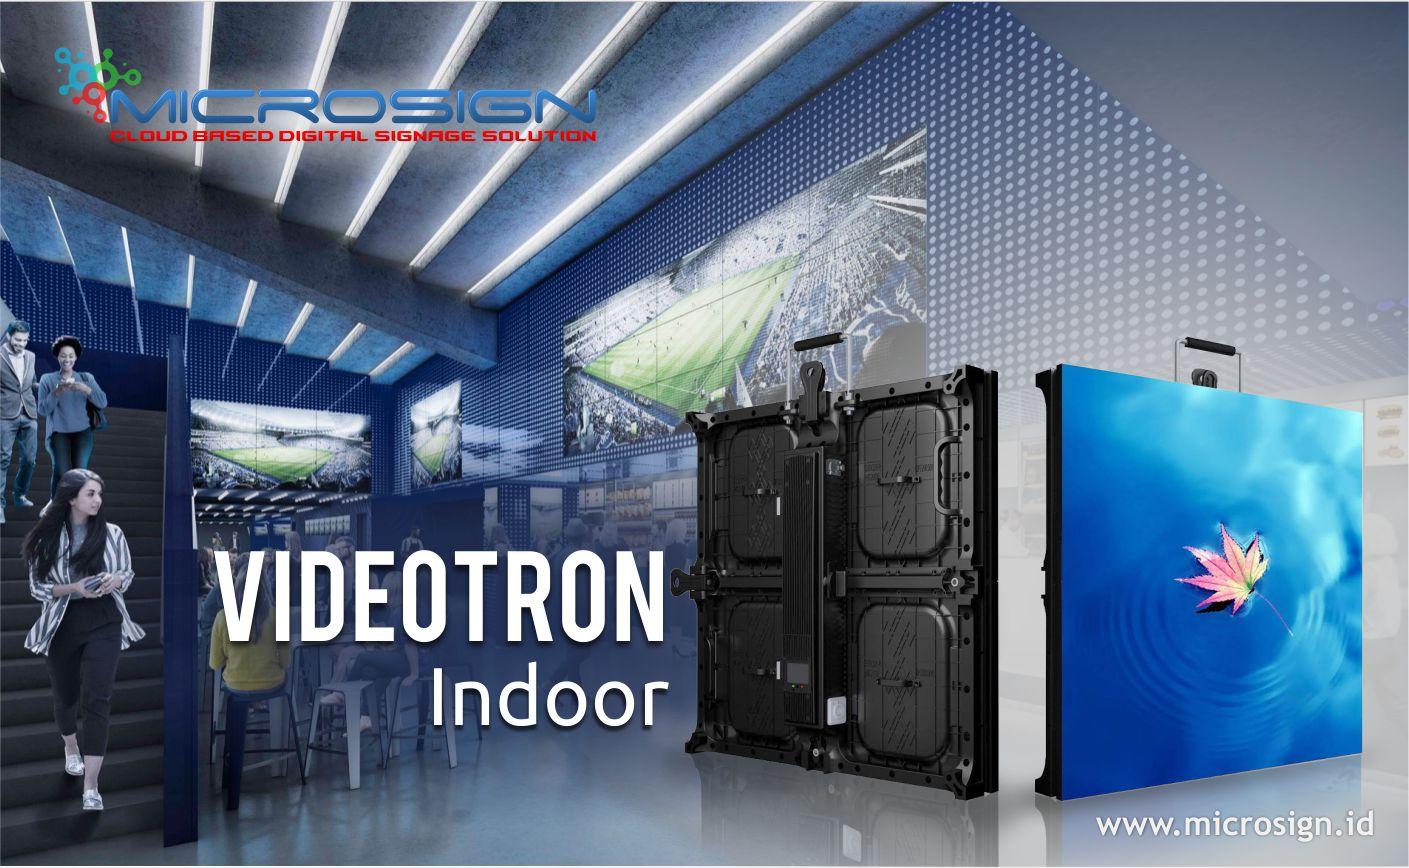 Microsign Videotron indoor